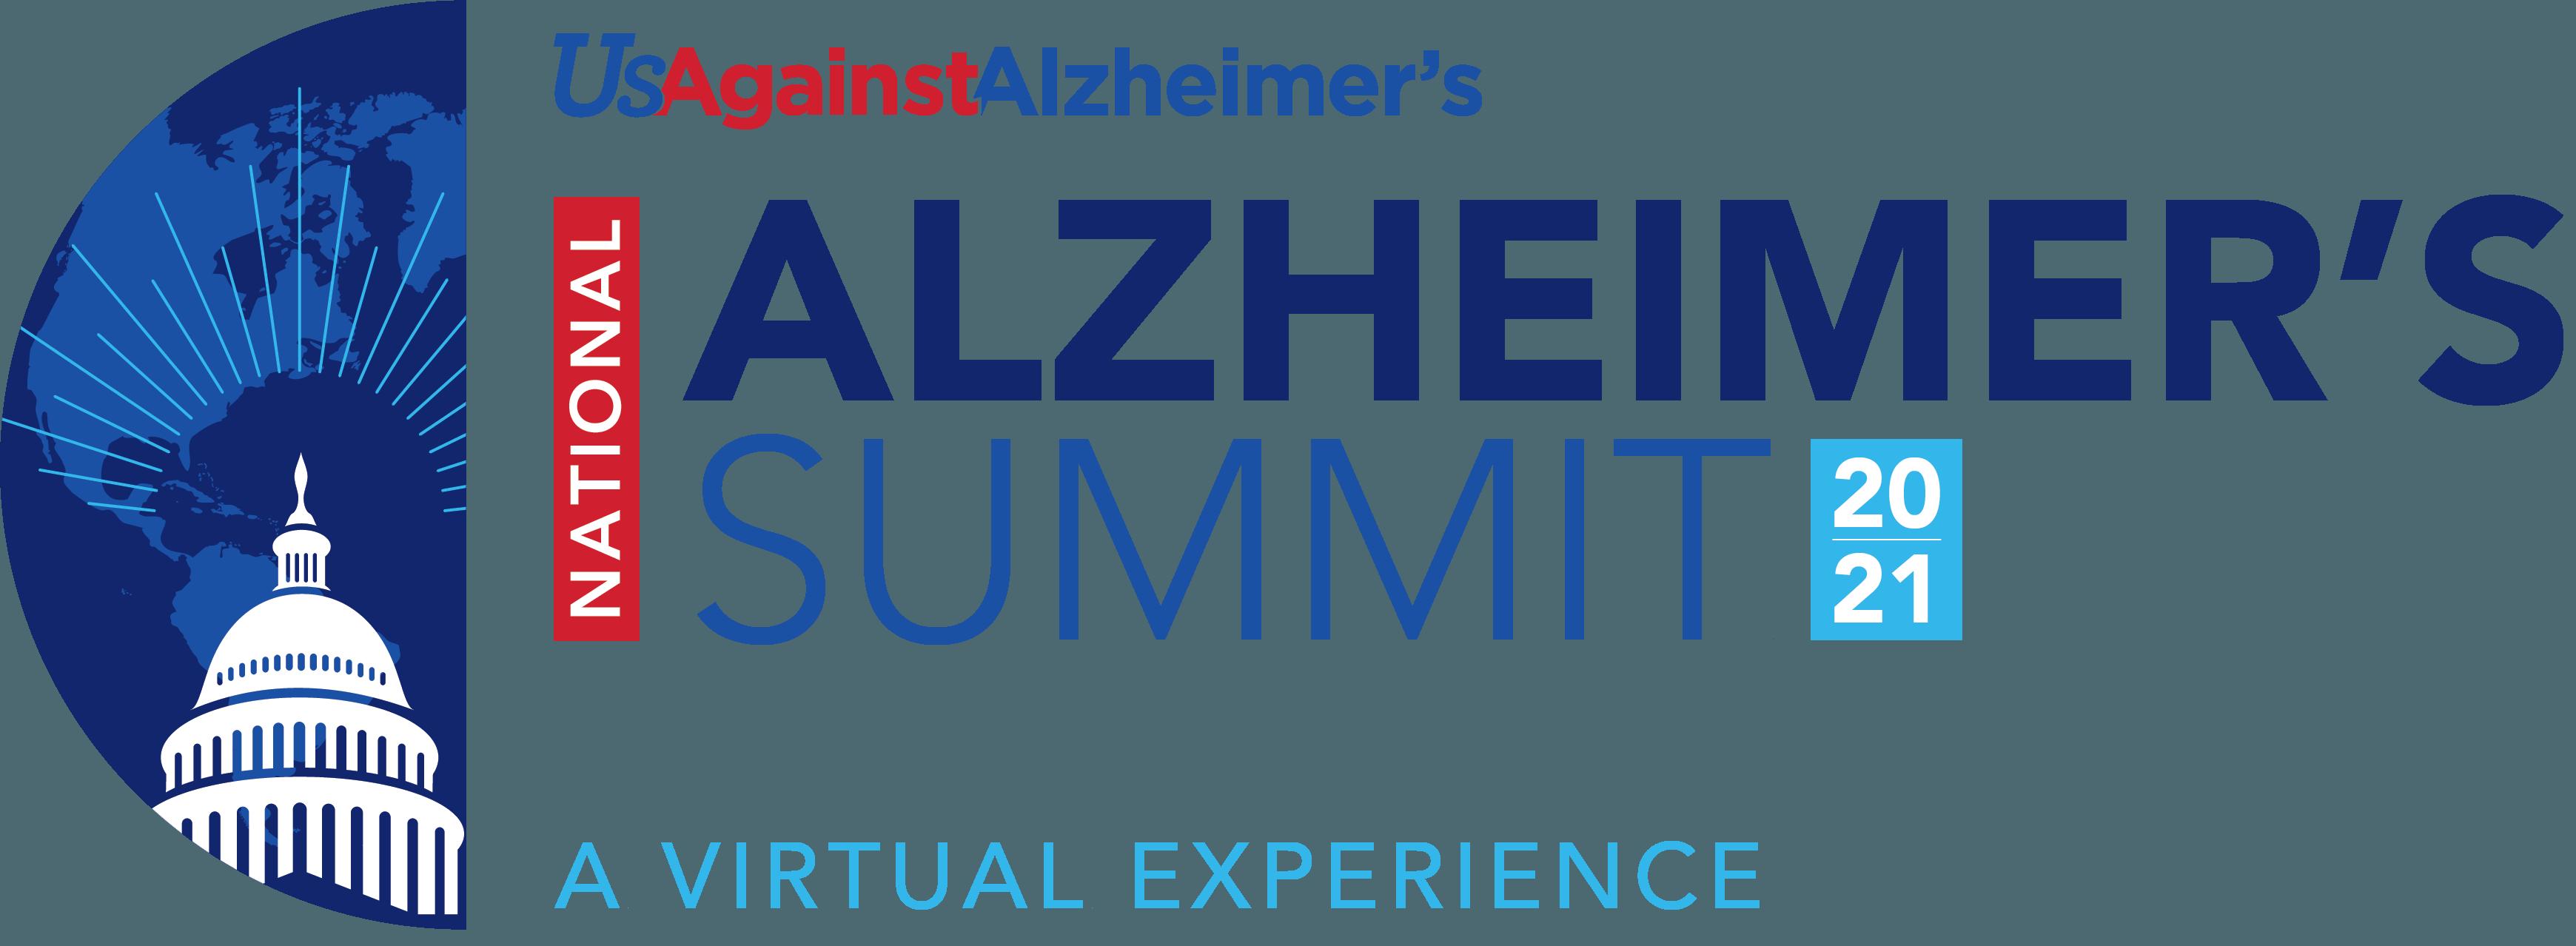 Alzeimer's Summit